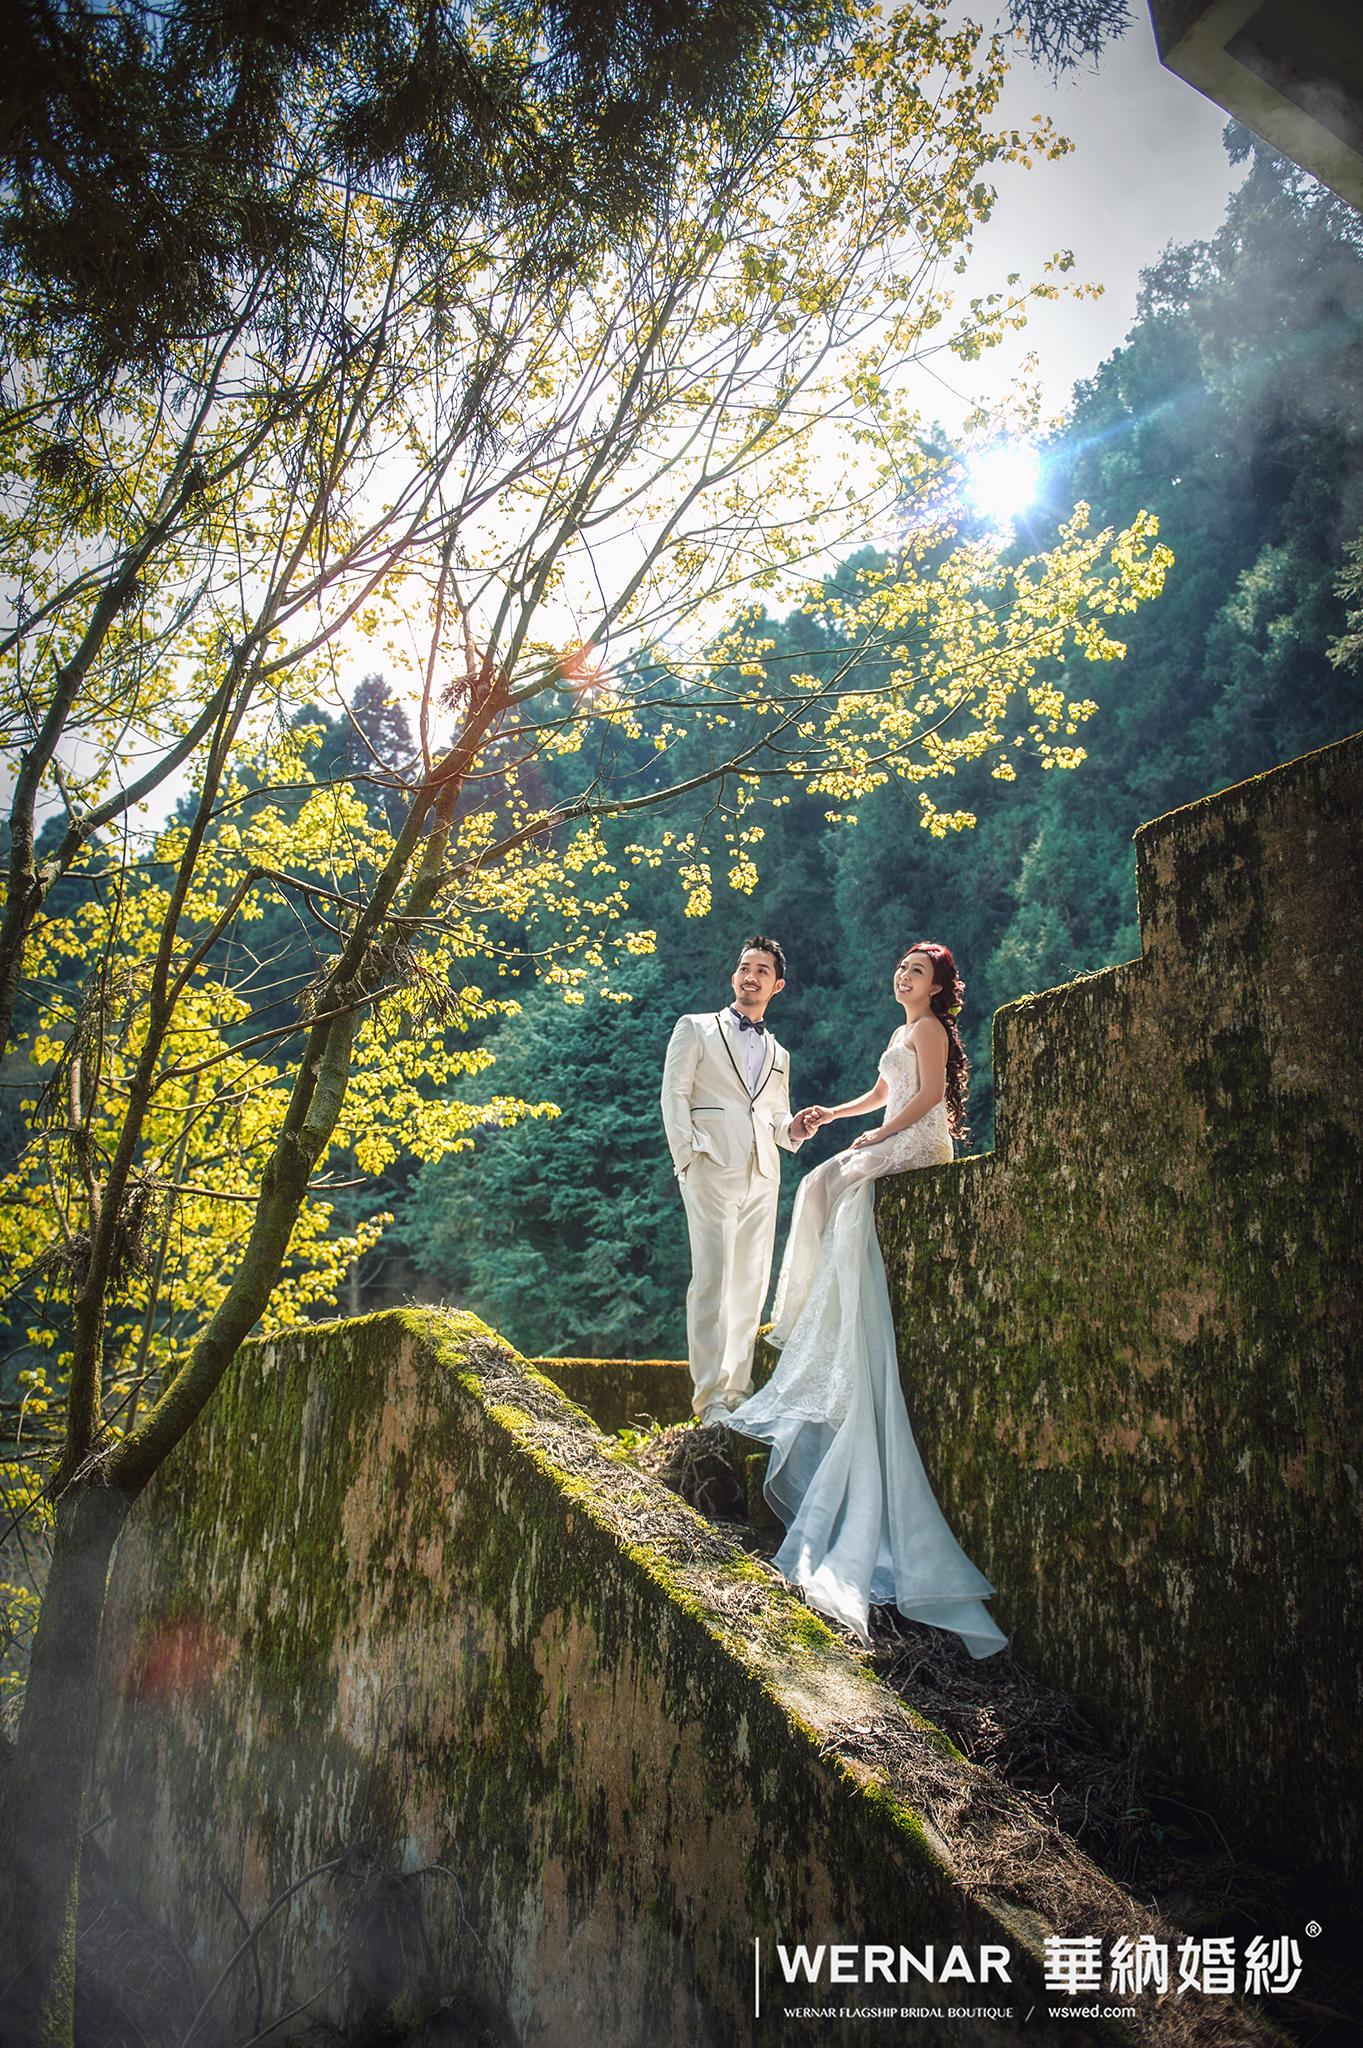 婚紗外拍景點,婚紗攝影,自主婚紗,婚紗照